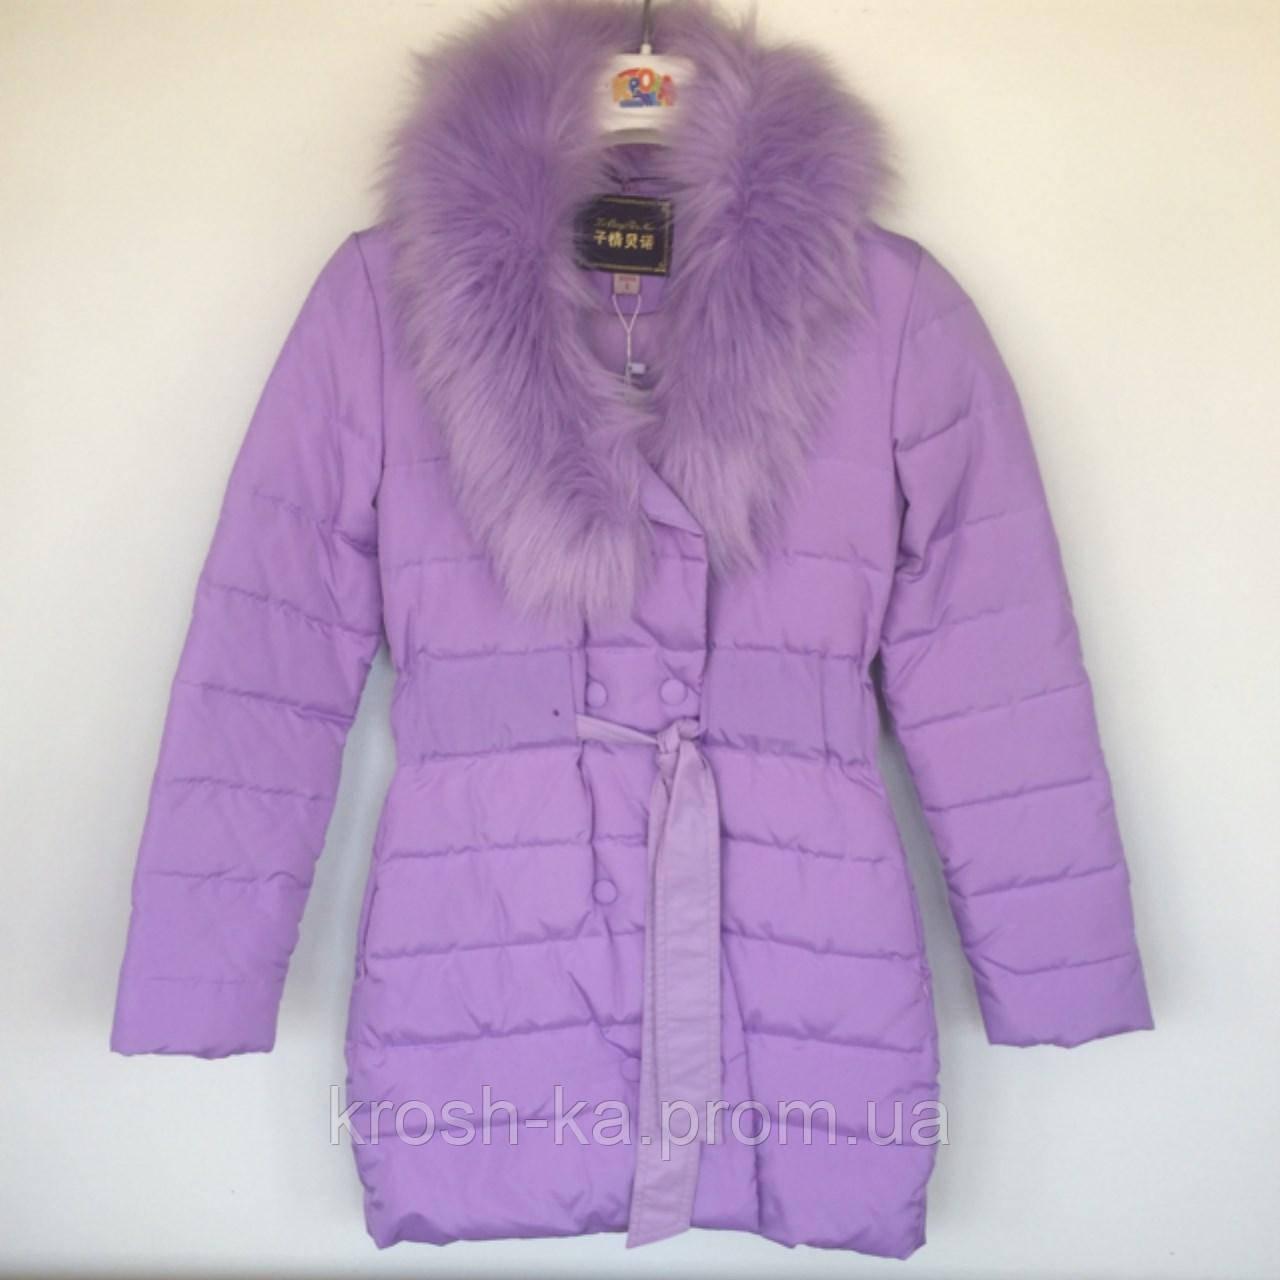 Пальто зимове для дівчинки Vilen Китай лавандова 8401